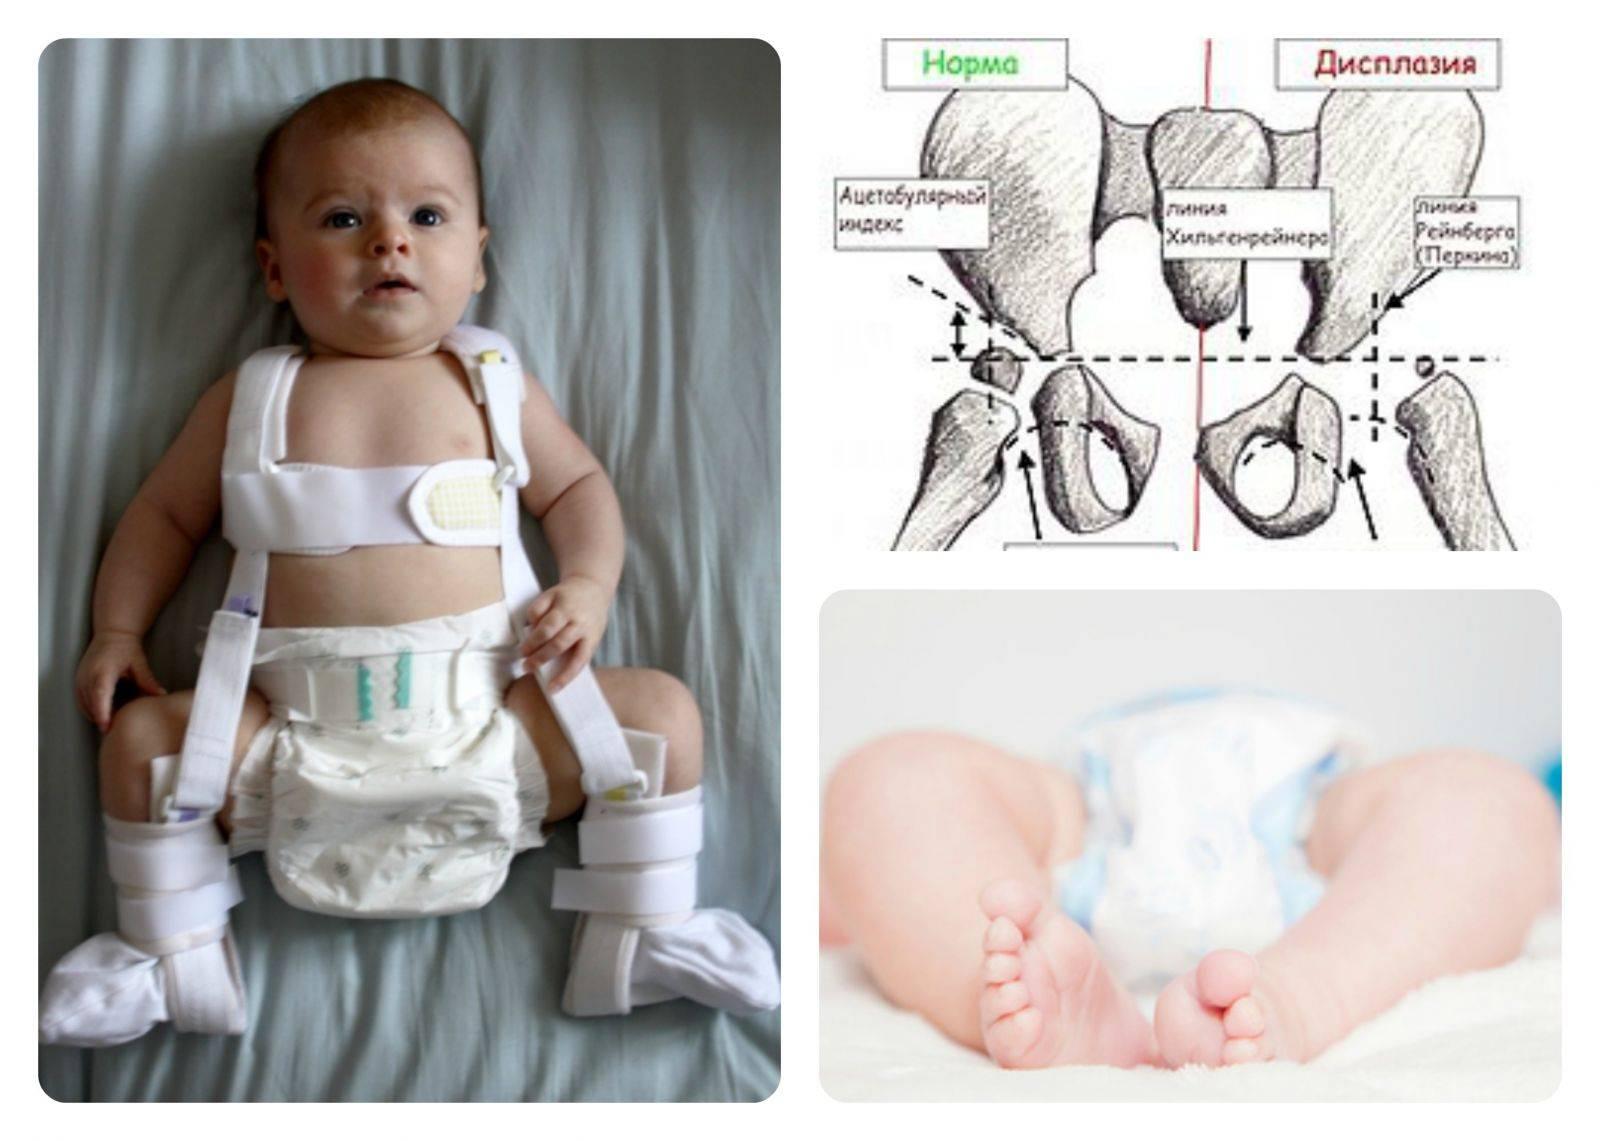 Дисплазия у новорожденного: все способы лечения